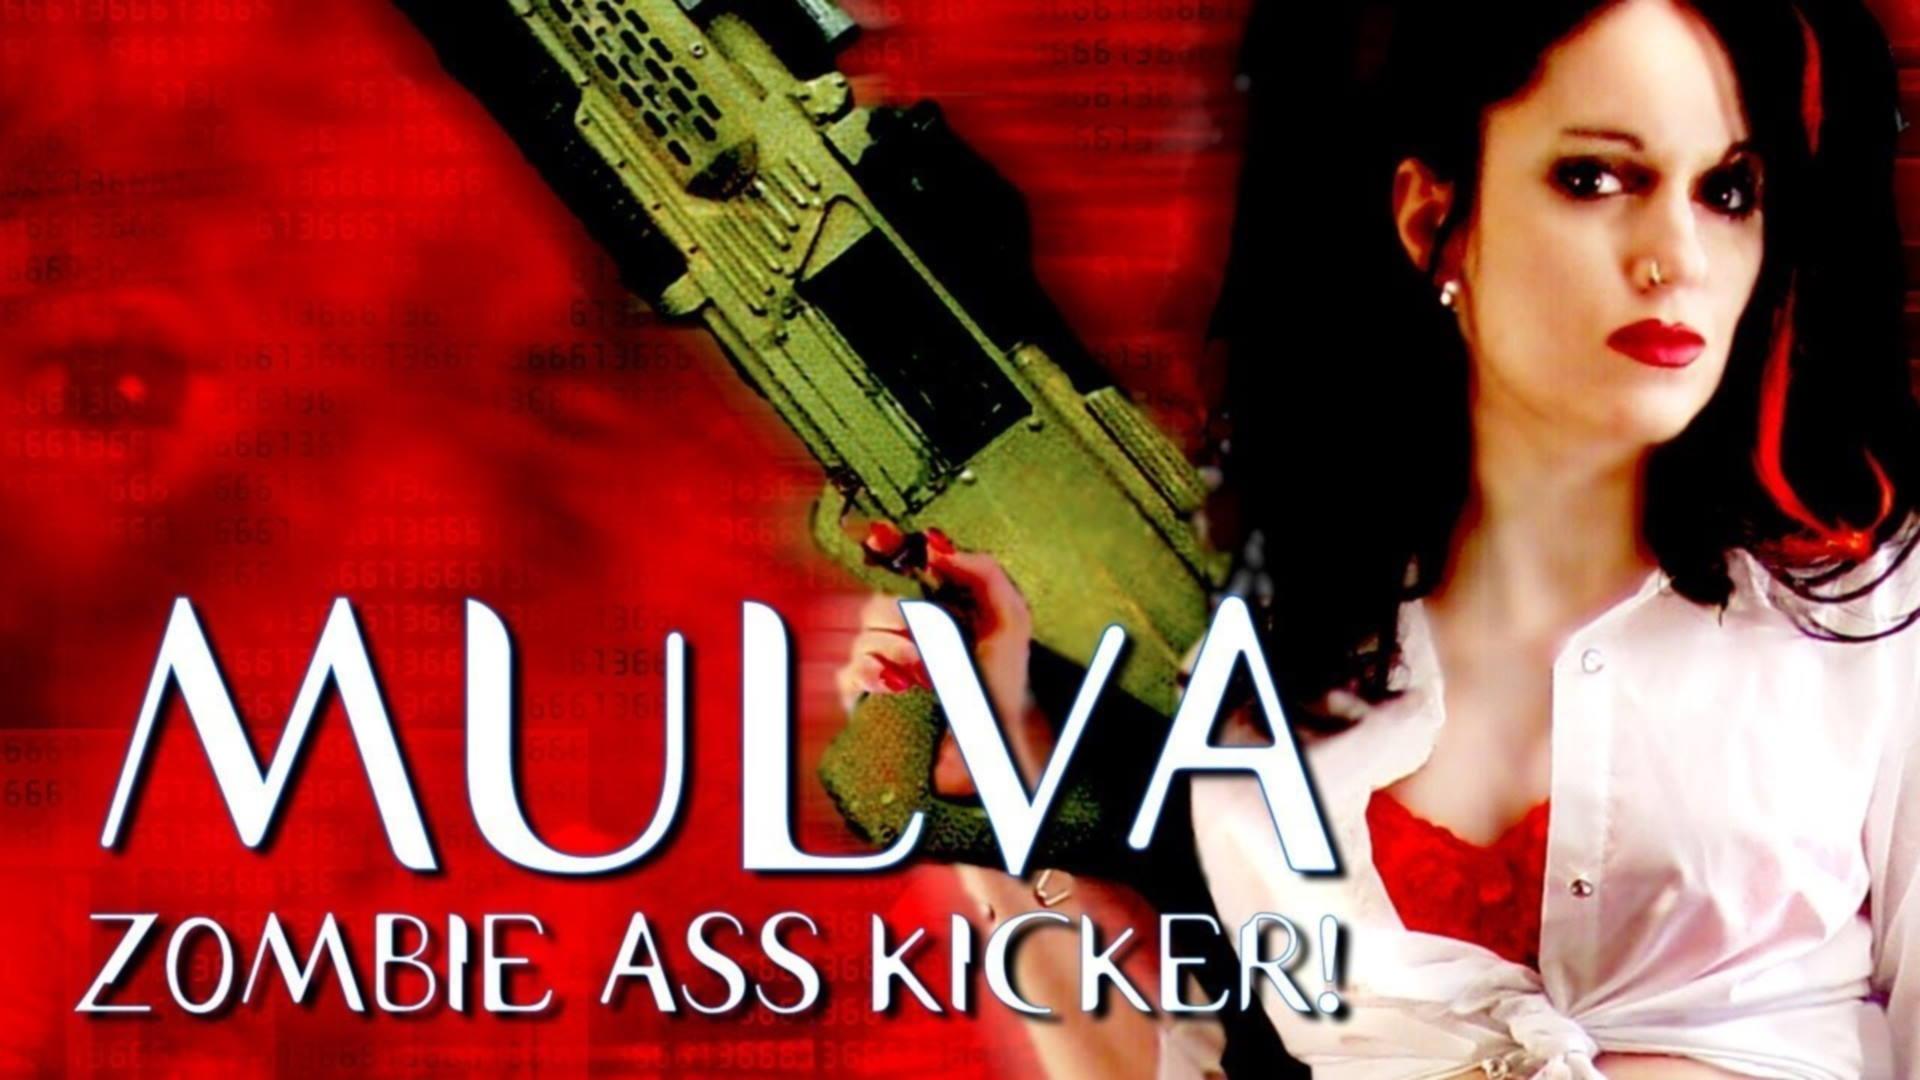 Mulva Zombie Ass Kicker